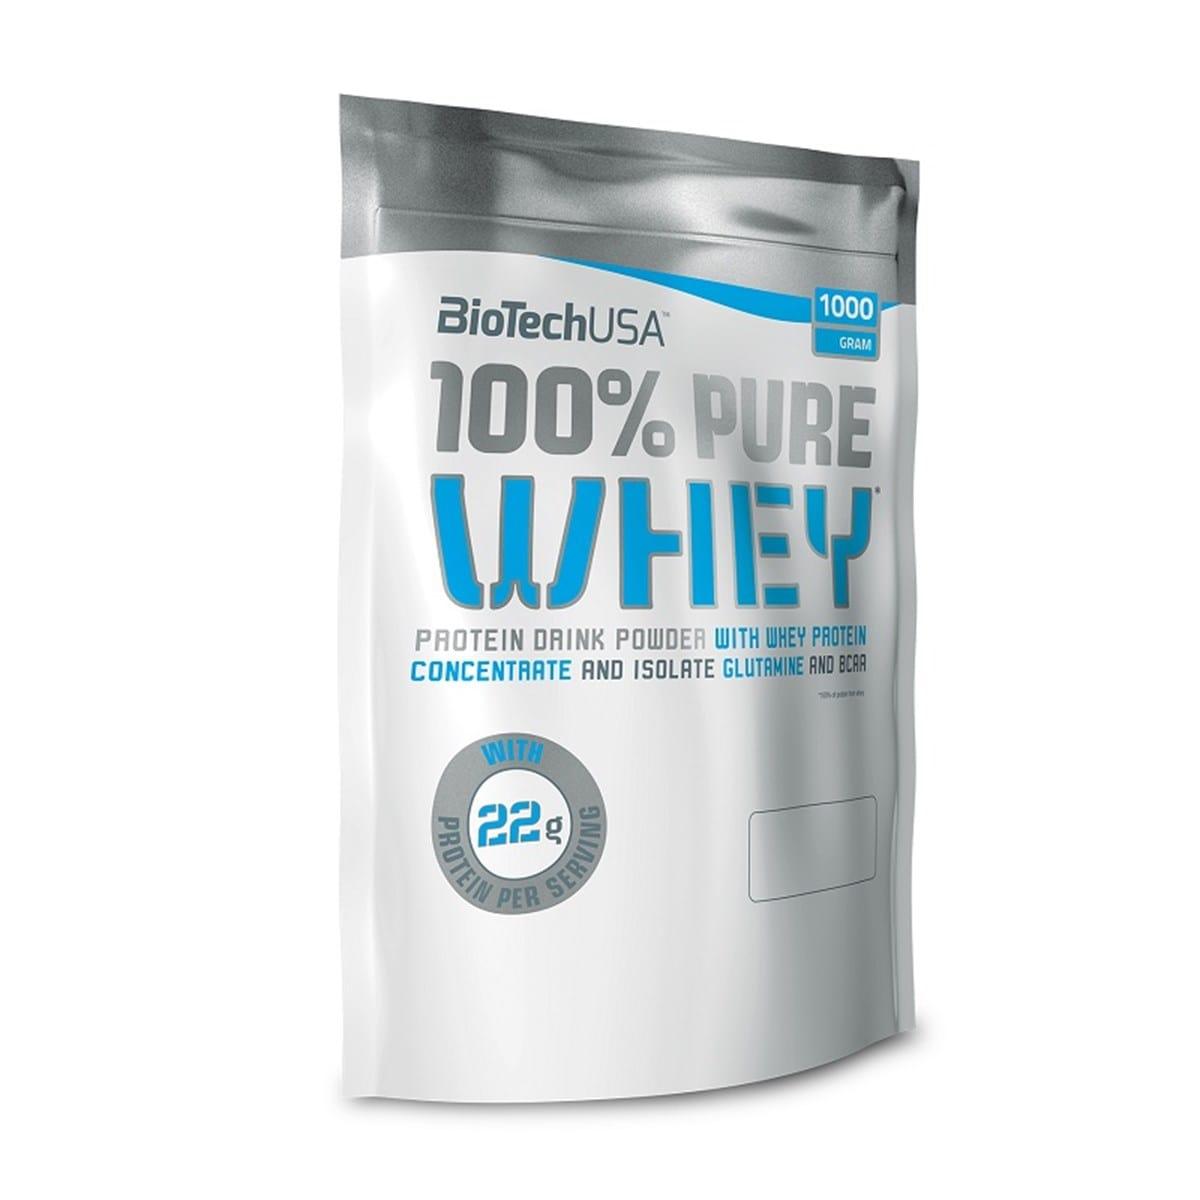 100% Pure Whey, Coconut Chocolate - 1000g versandkostenfrei/portofrei bestellen/kaufen